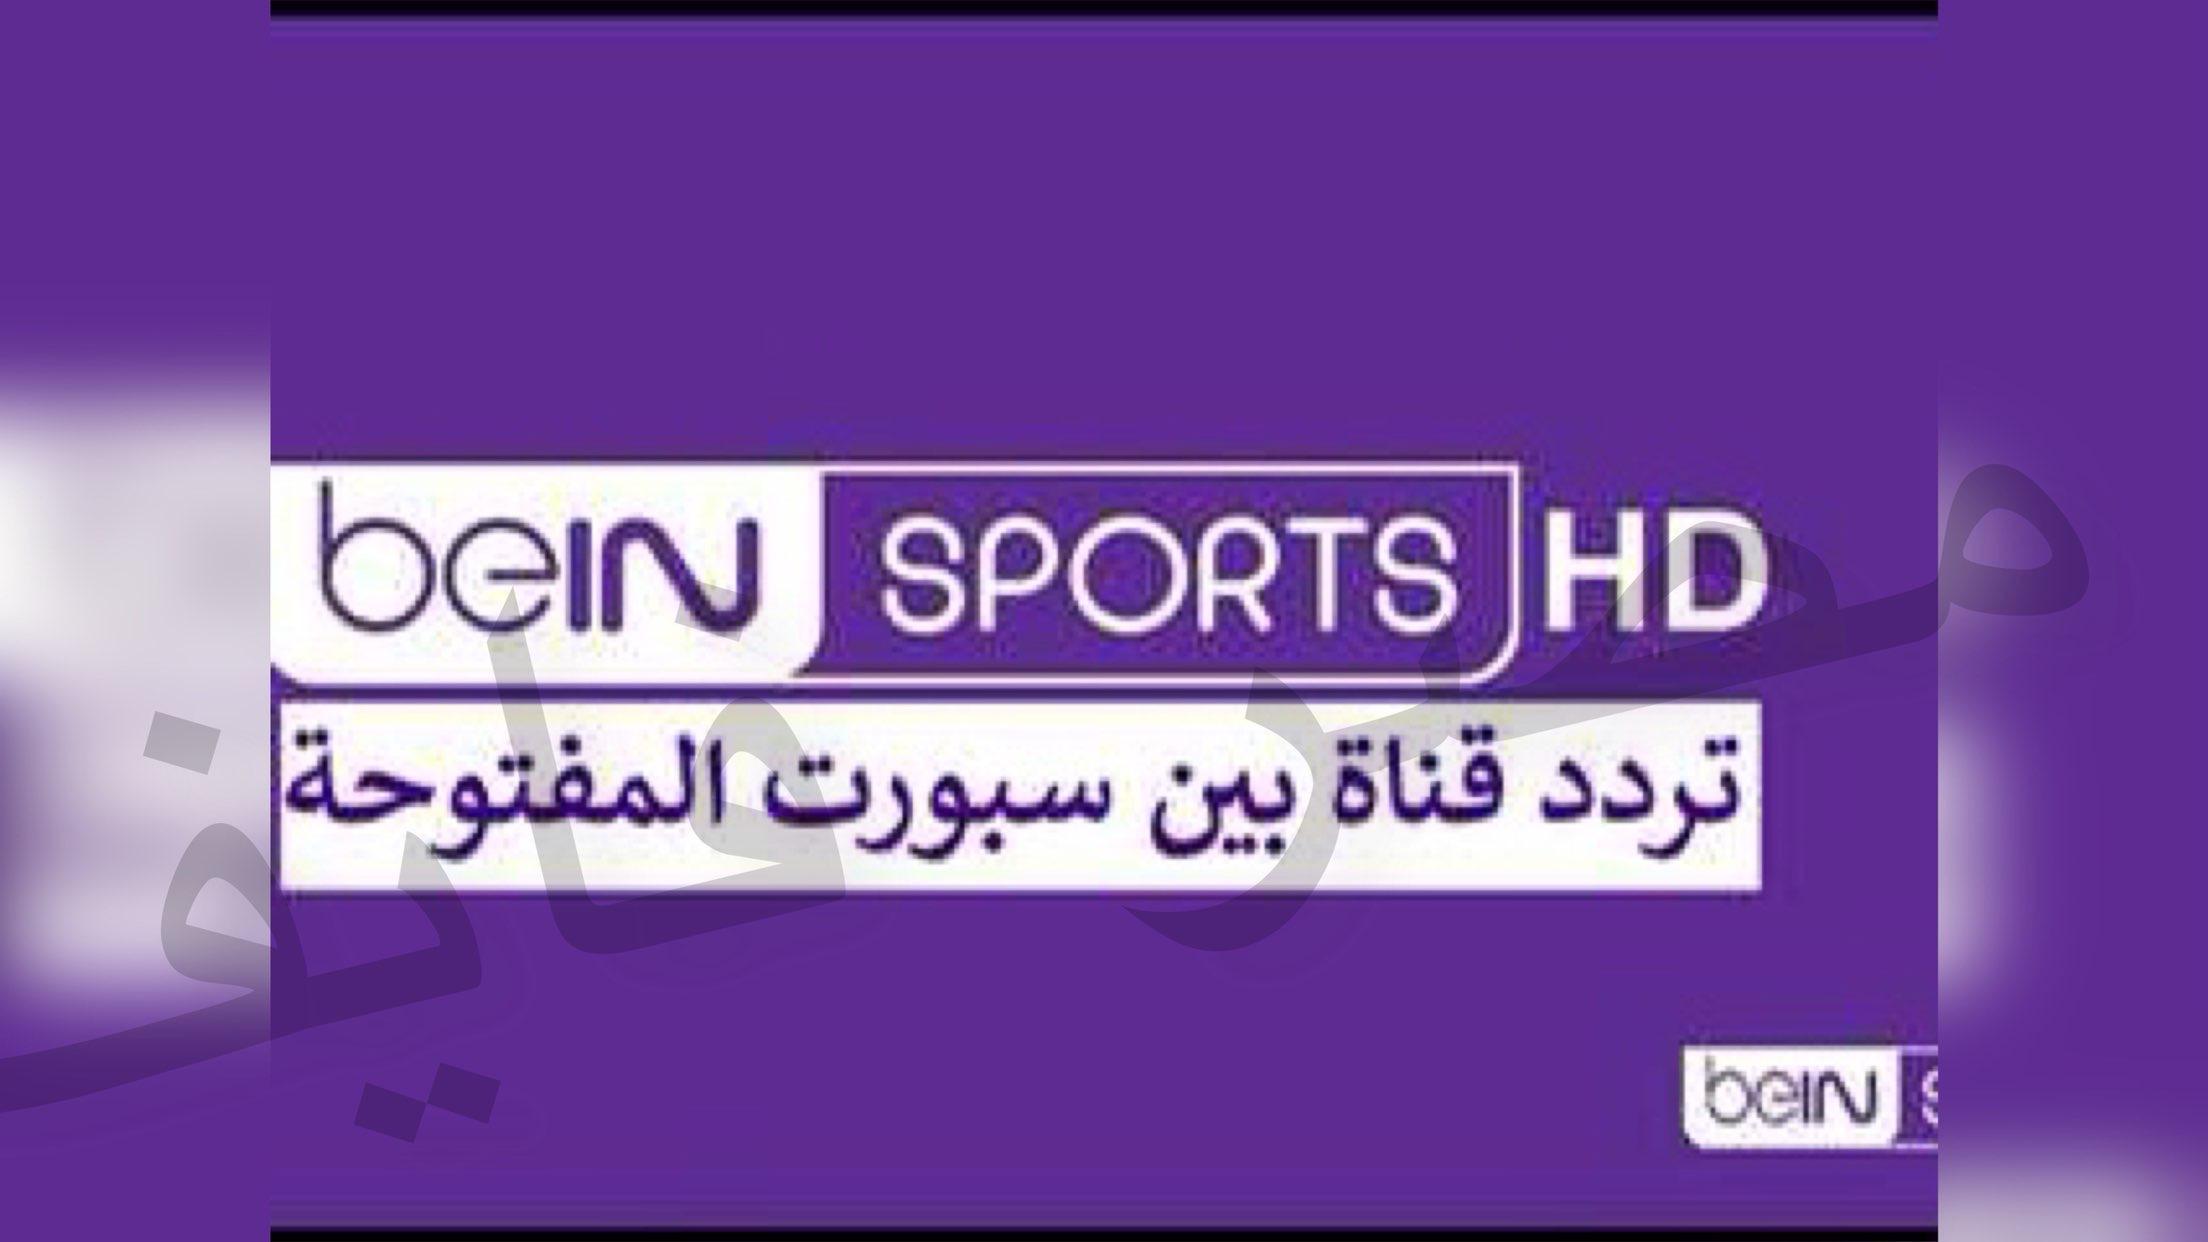 تردد قناة بي ان سبورت المفتوحة الناقلة لمواجهة مصر واسبانيا beIN Sports Hd